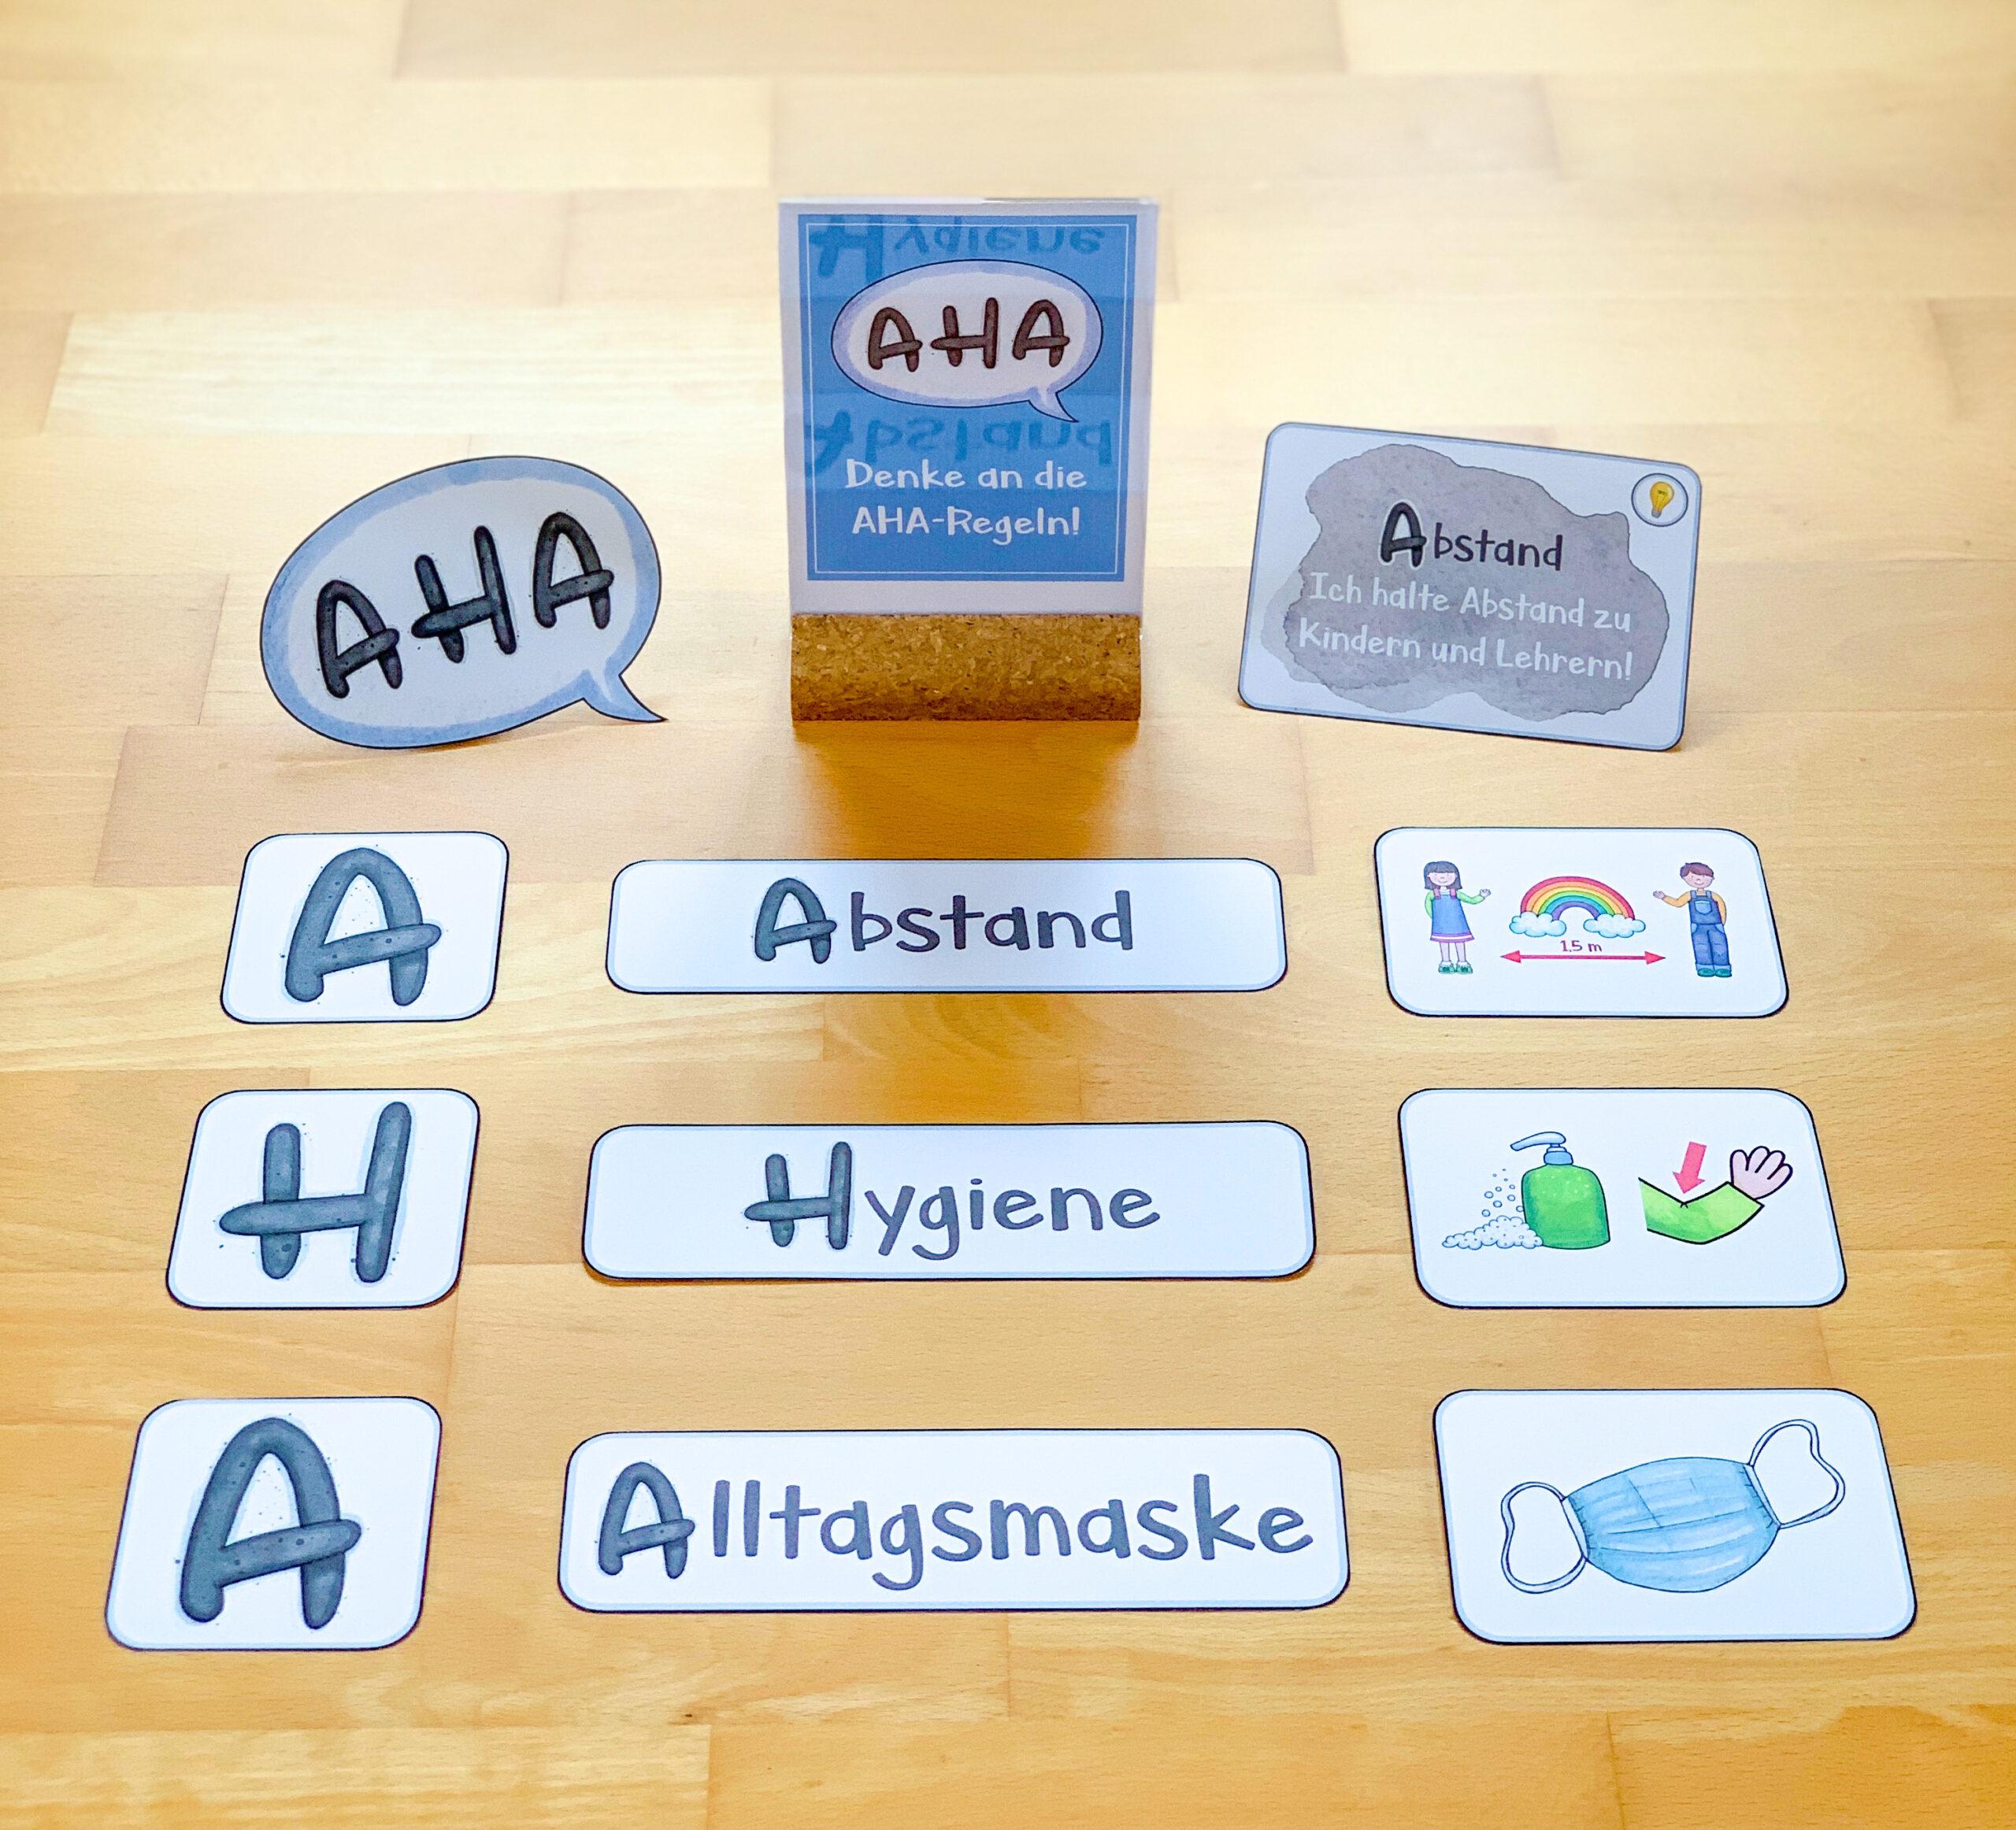 AHA-Regeln in der Grundschule